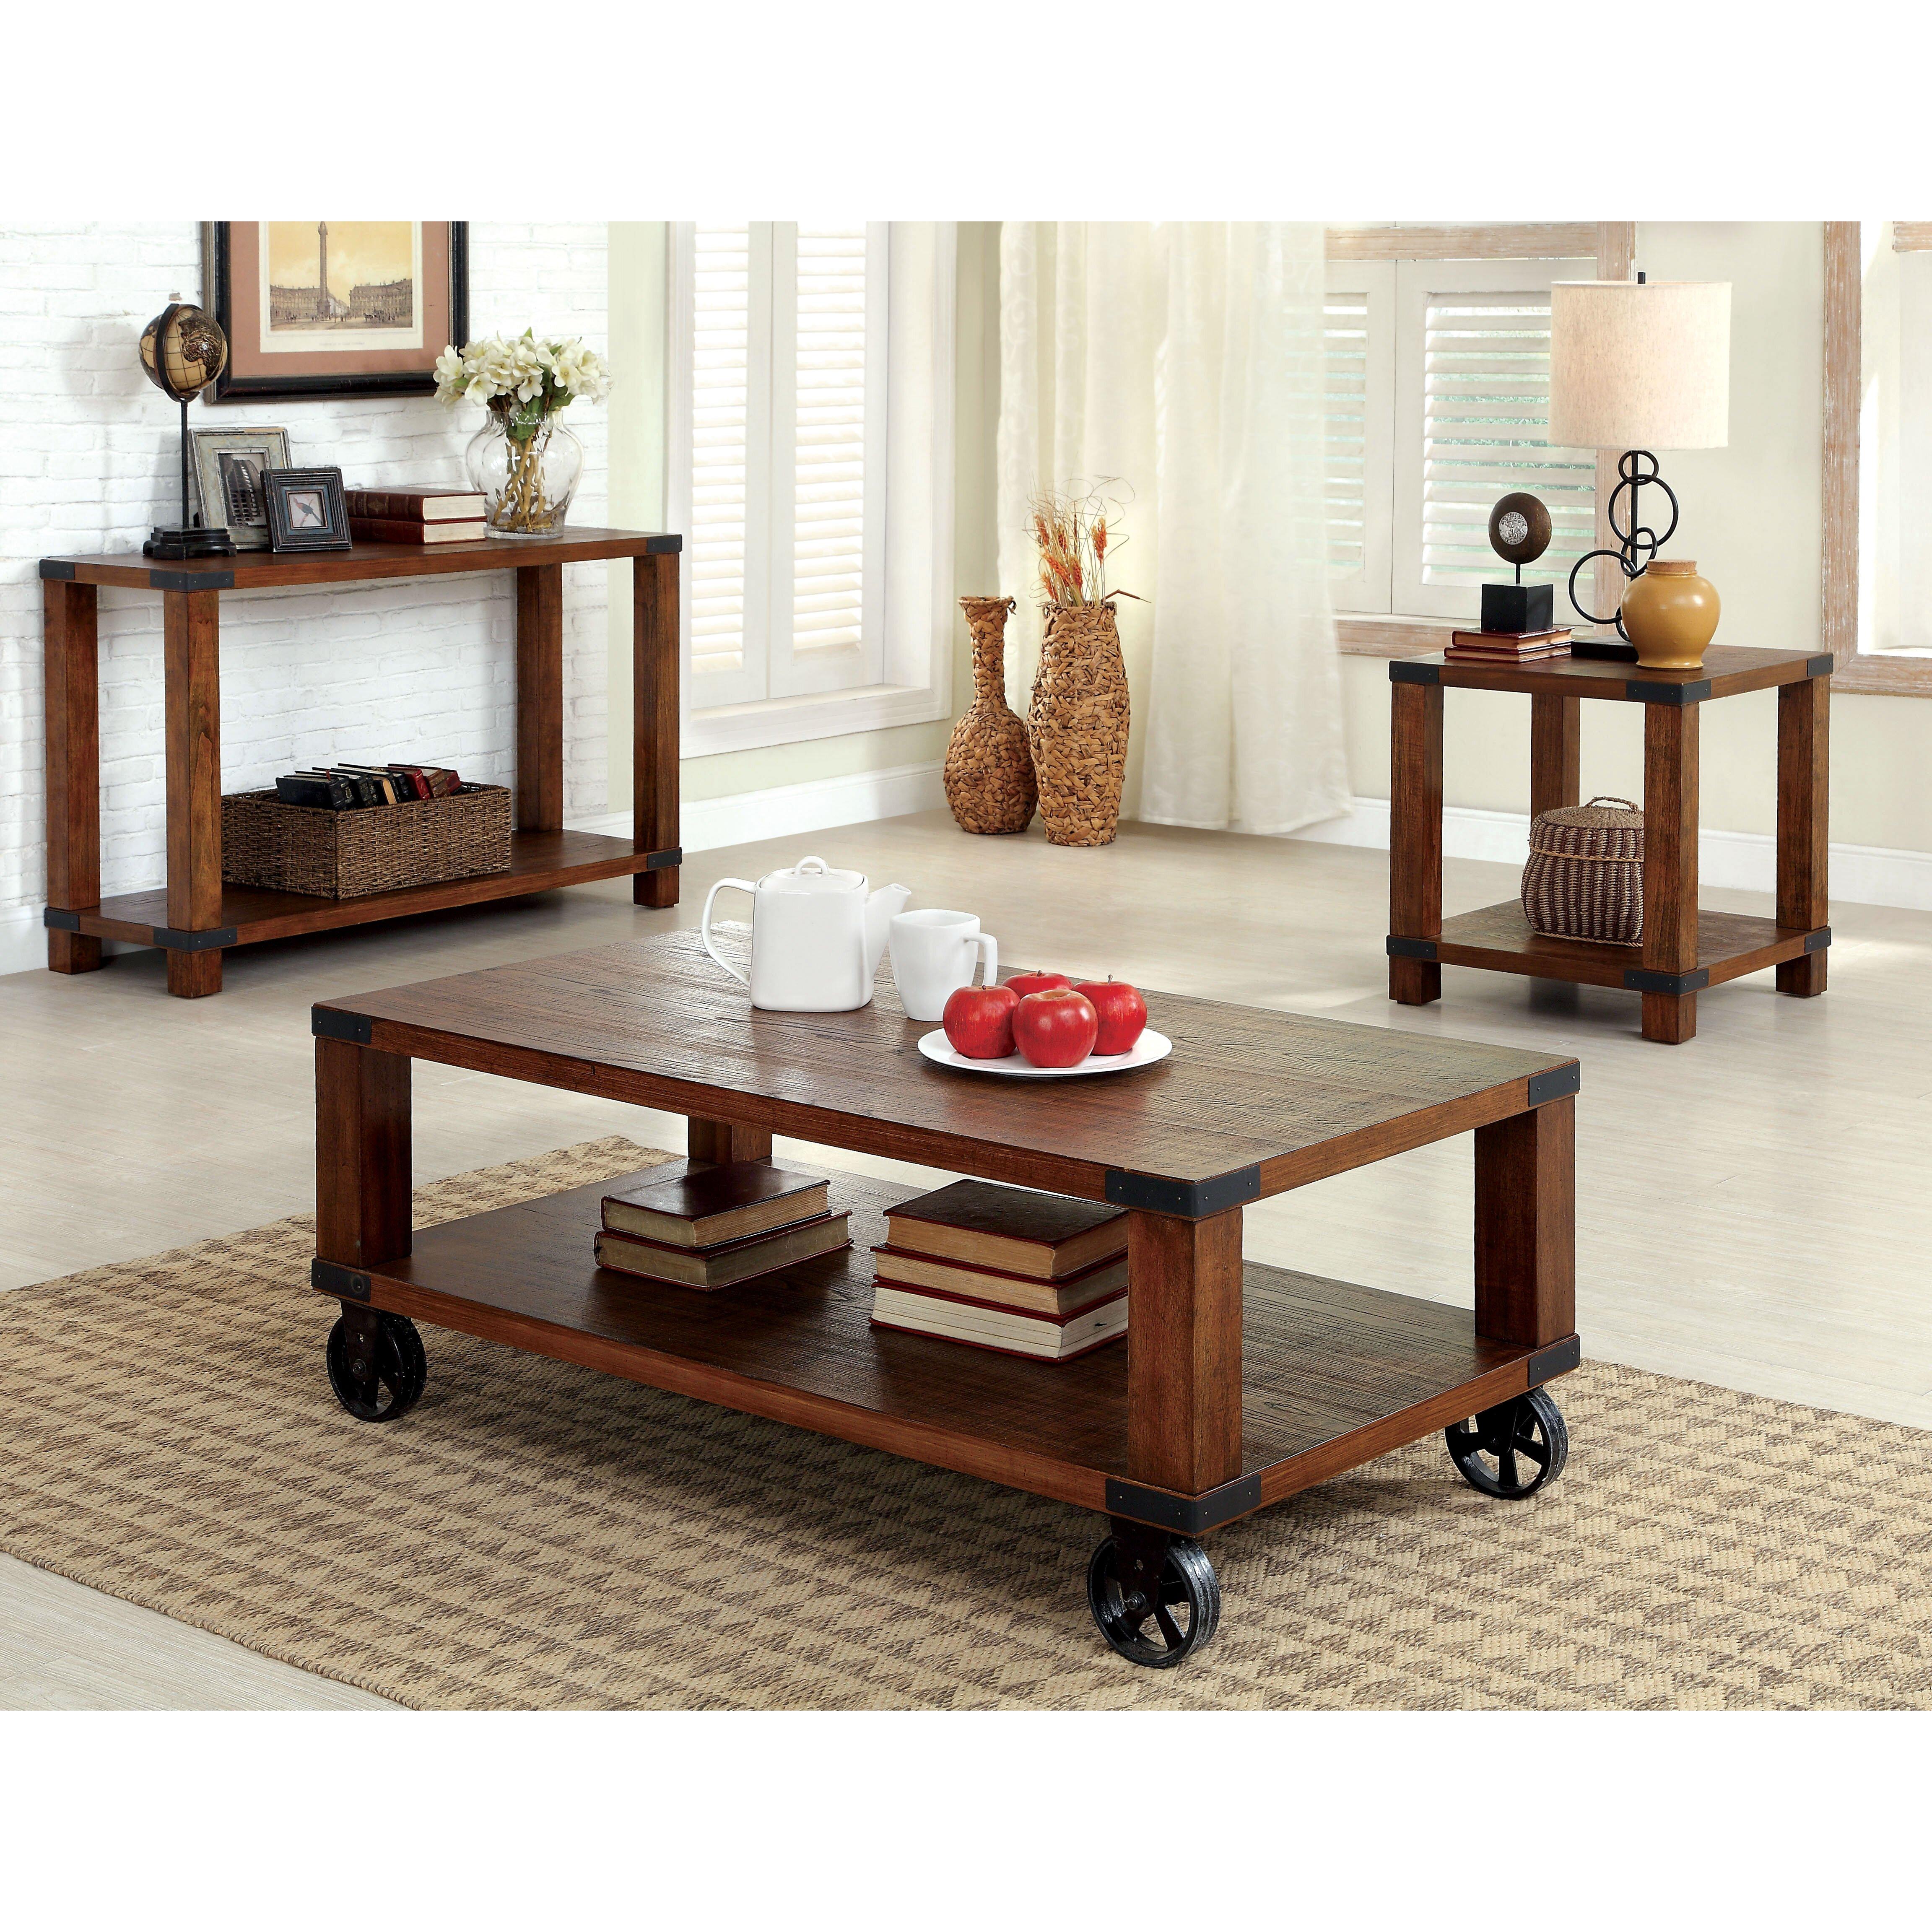 hokku designs starke coffee table amp reviews wayfair wood duck